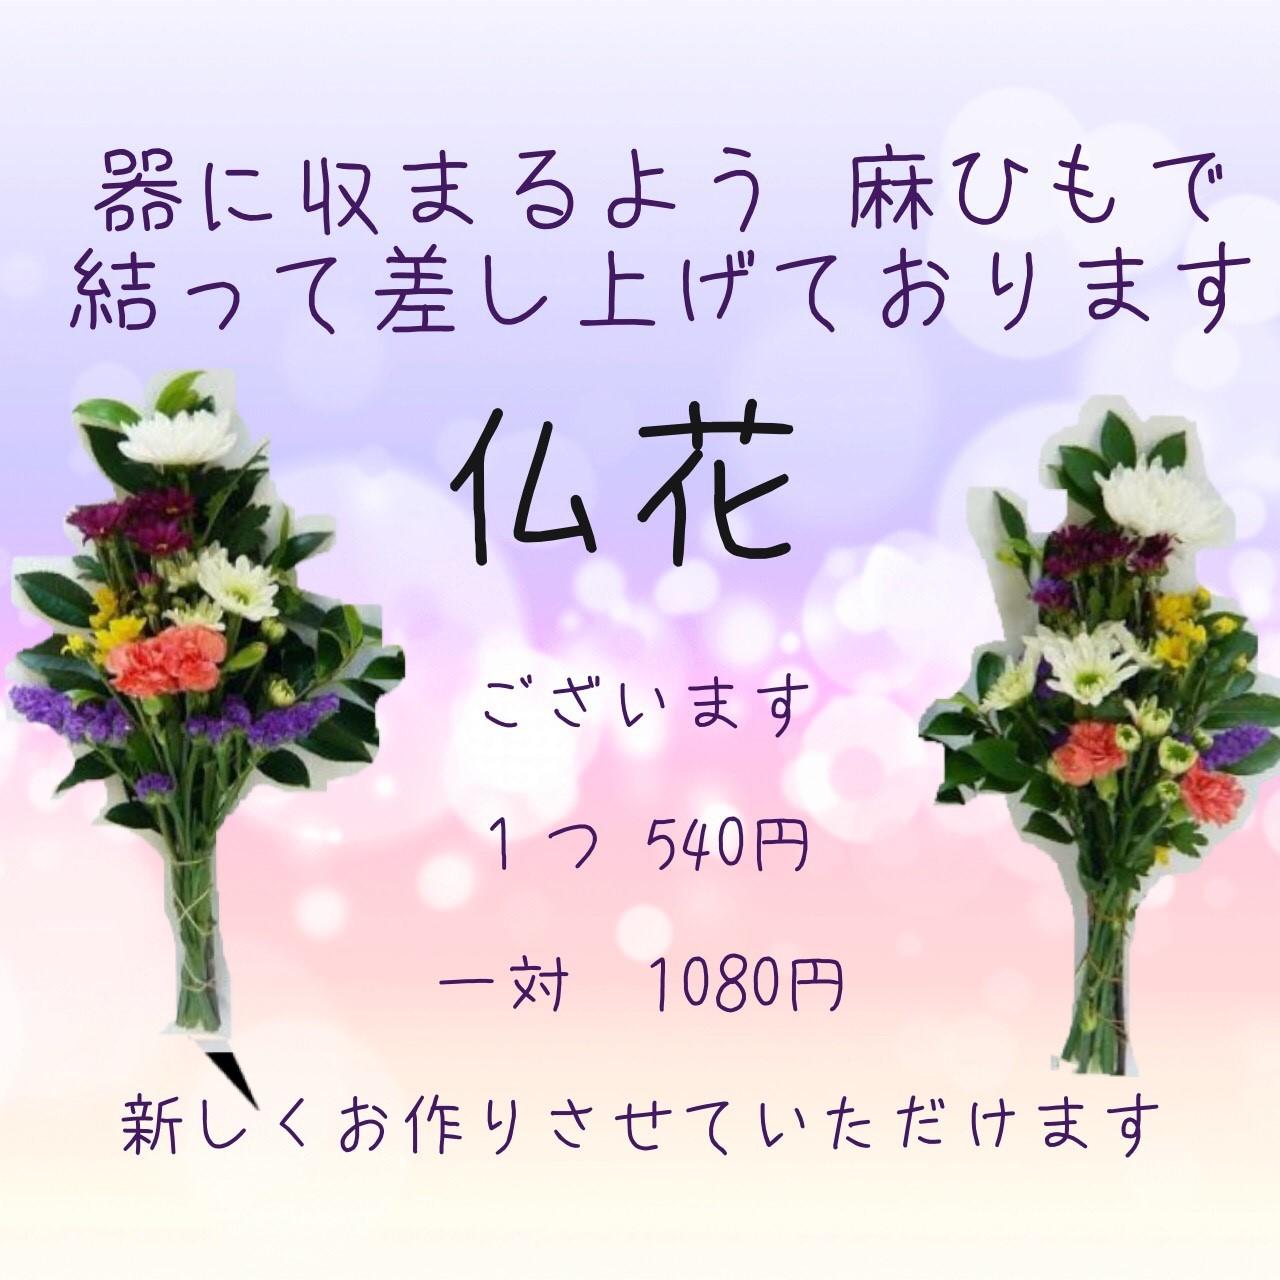 プチコノカビエラ塚口_お盆_170807_0002